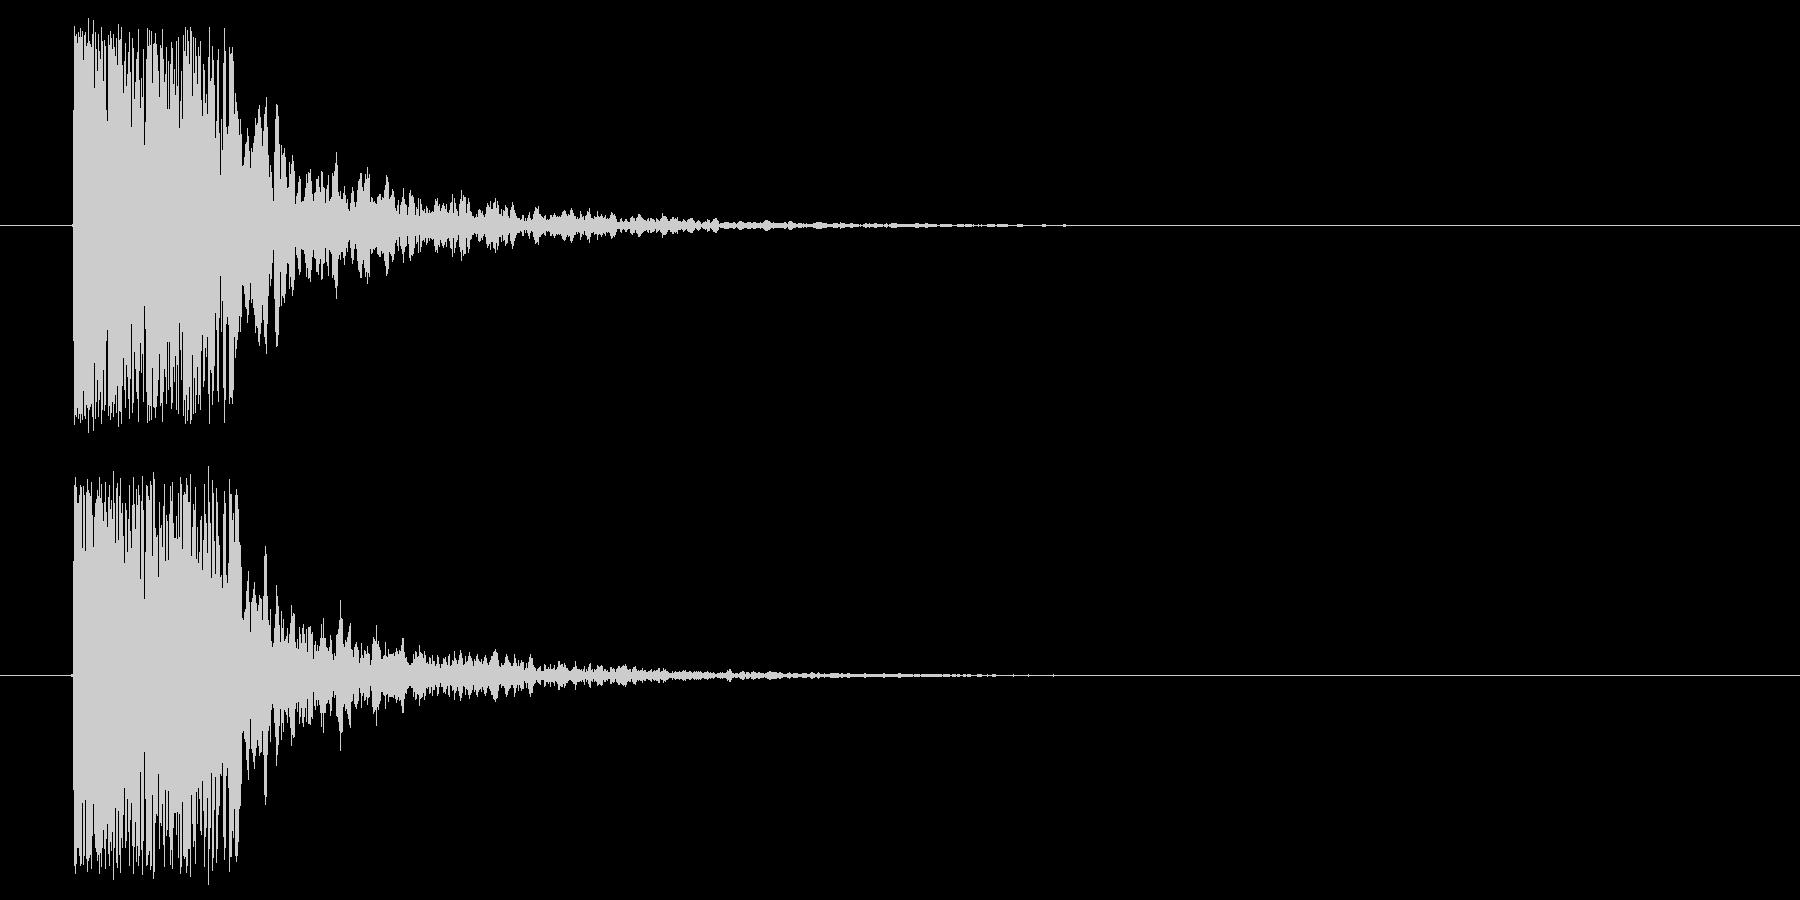 つづみ_和_場面展開の未再生の波形